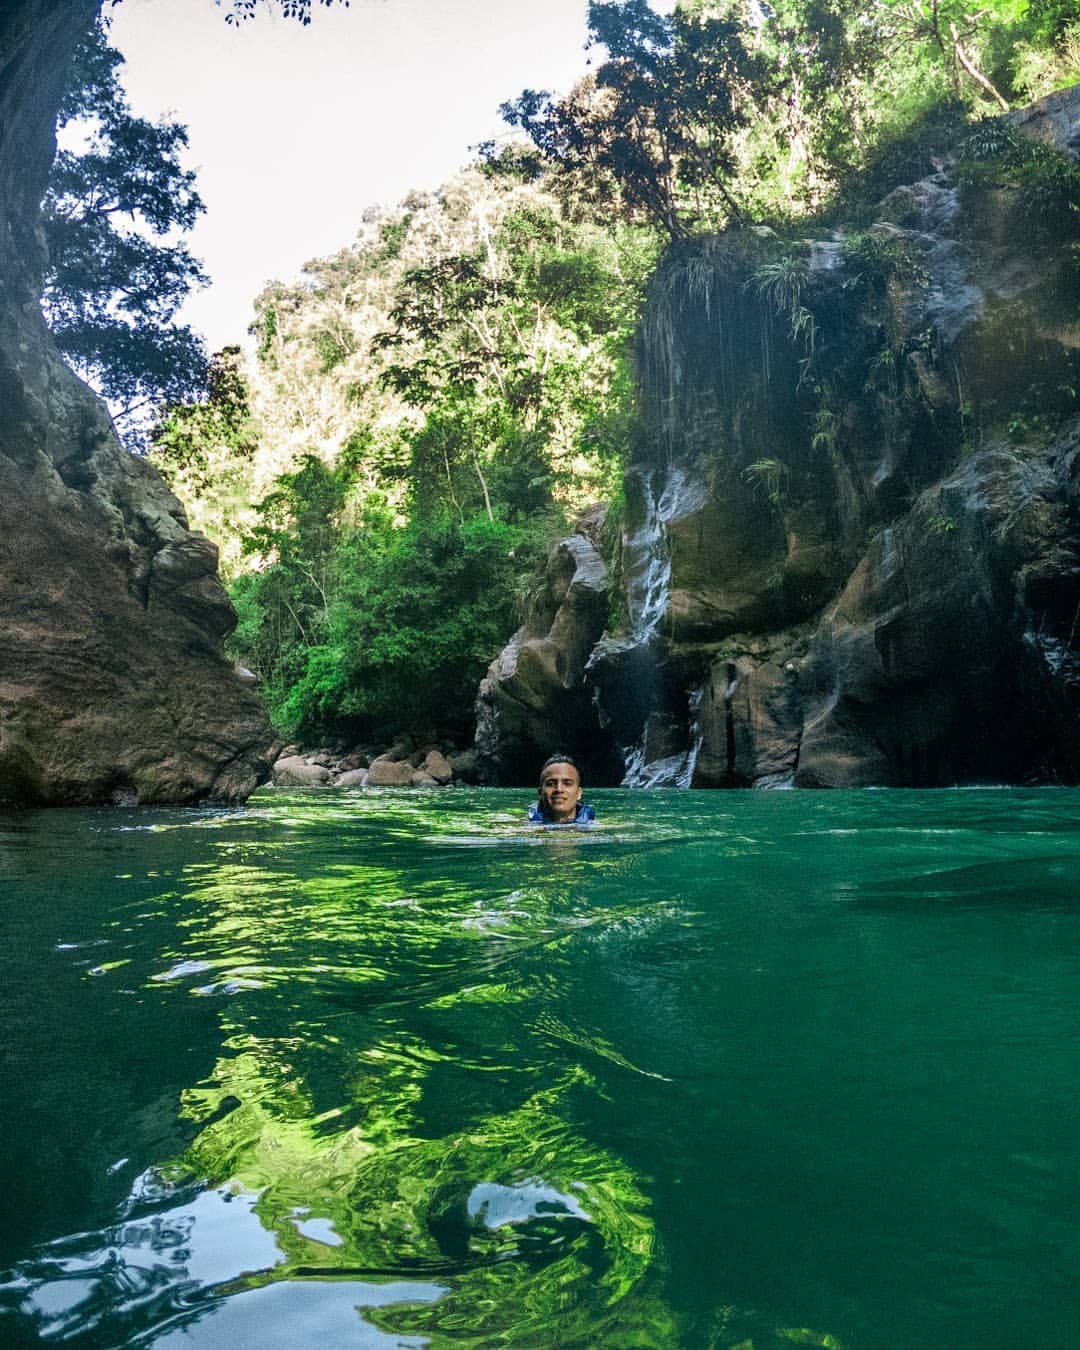 Río La Miel. Foto: @juandi.xplorer